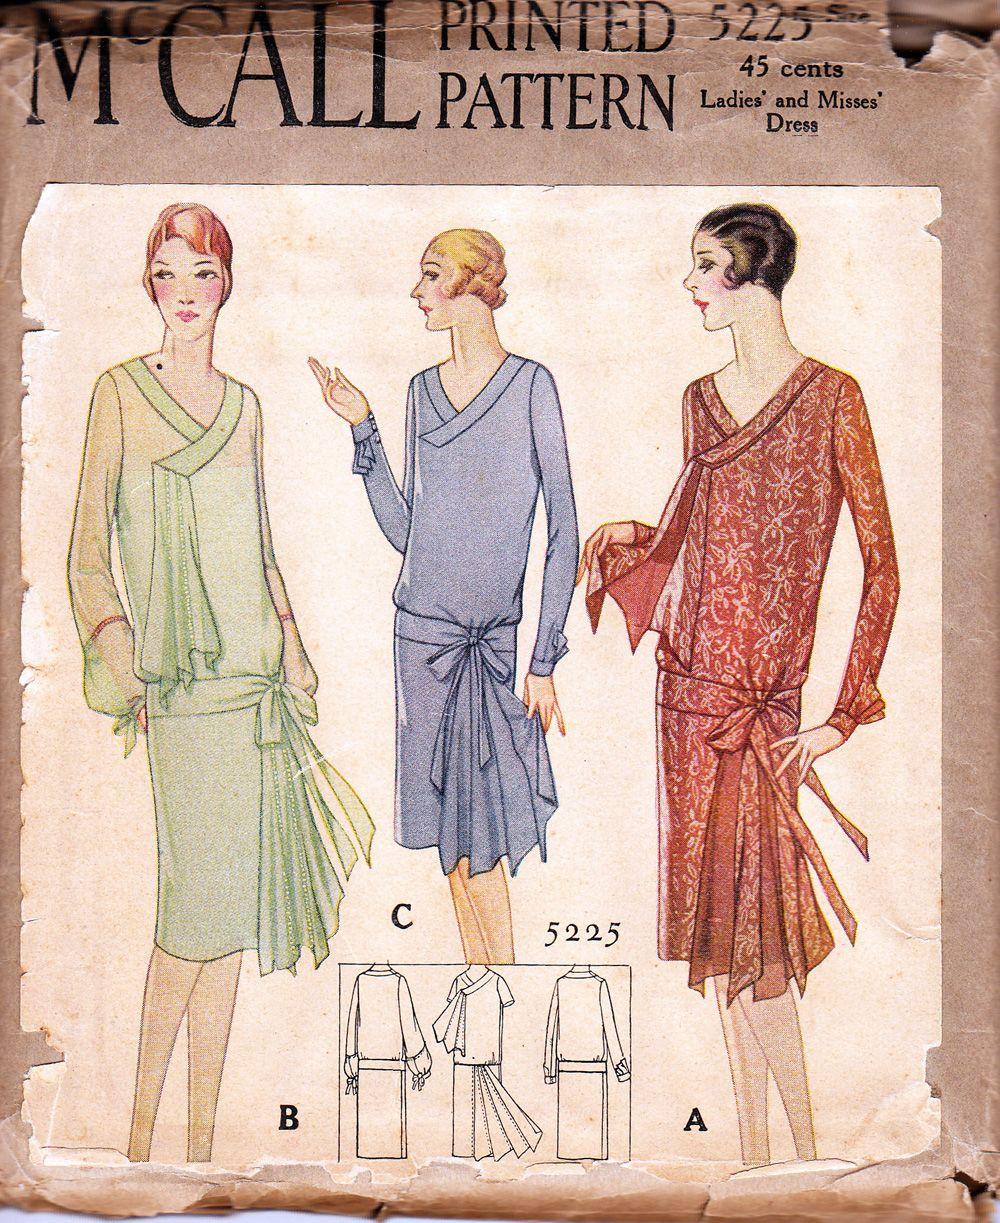 McCall 5225 | Años 20, Vestidos años 20 y Bocetos de moda